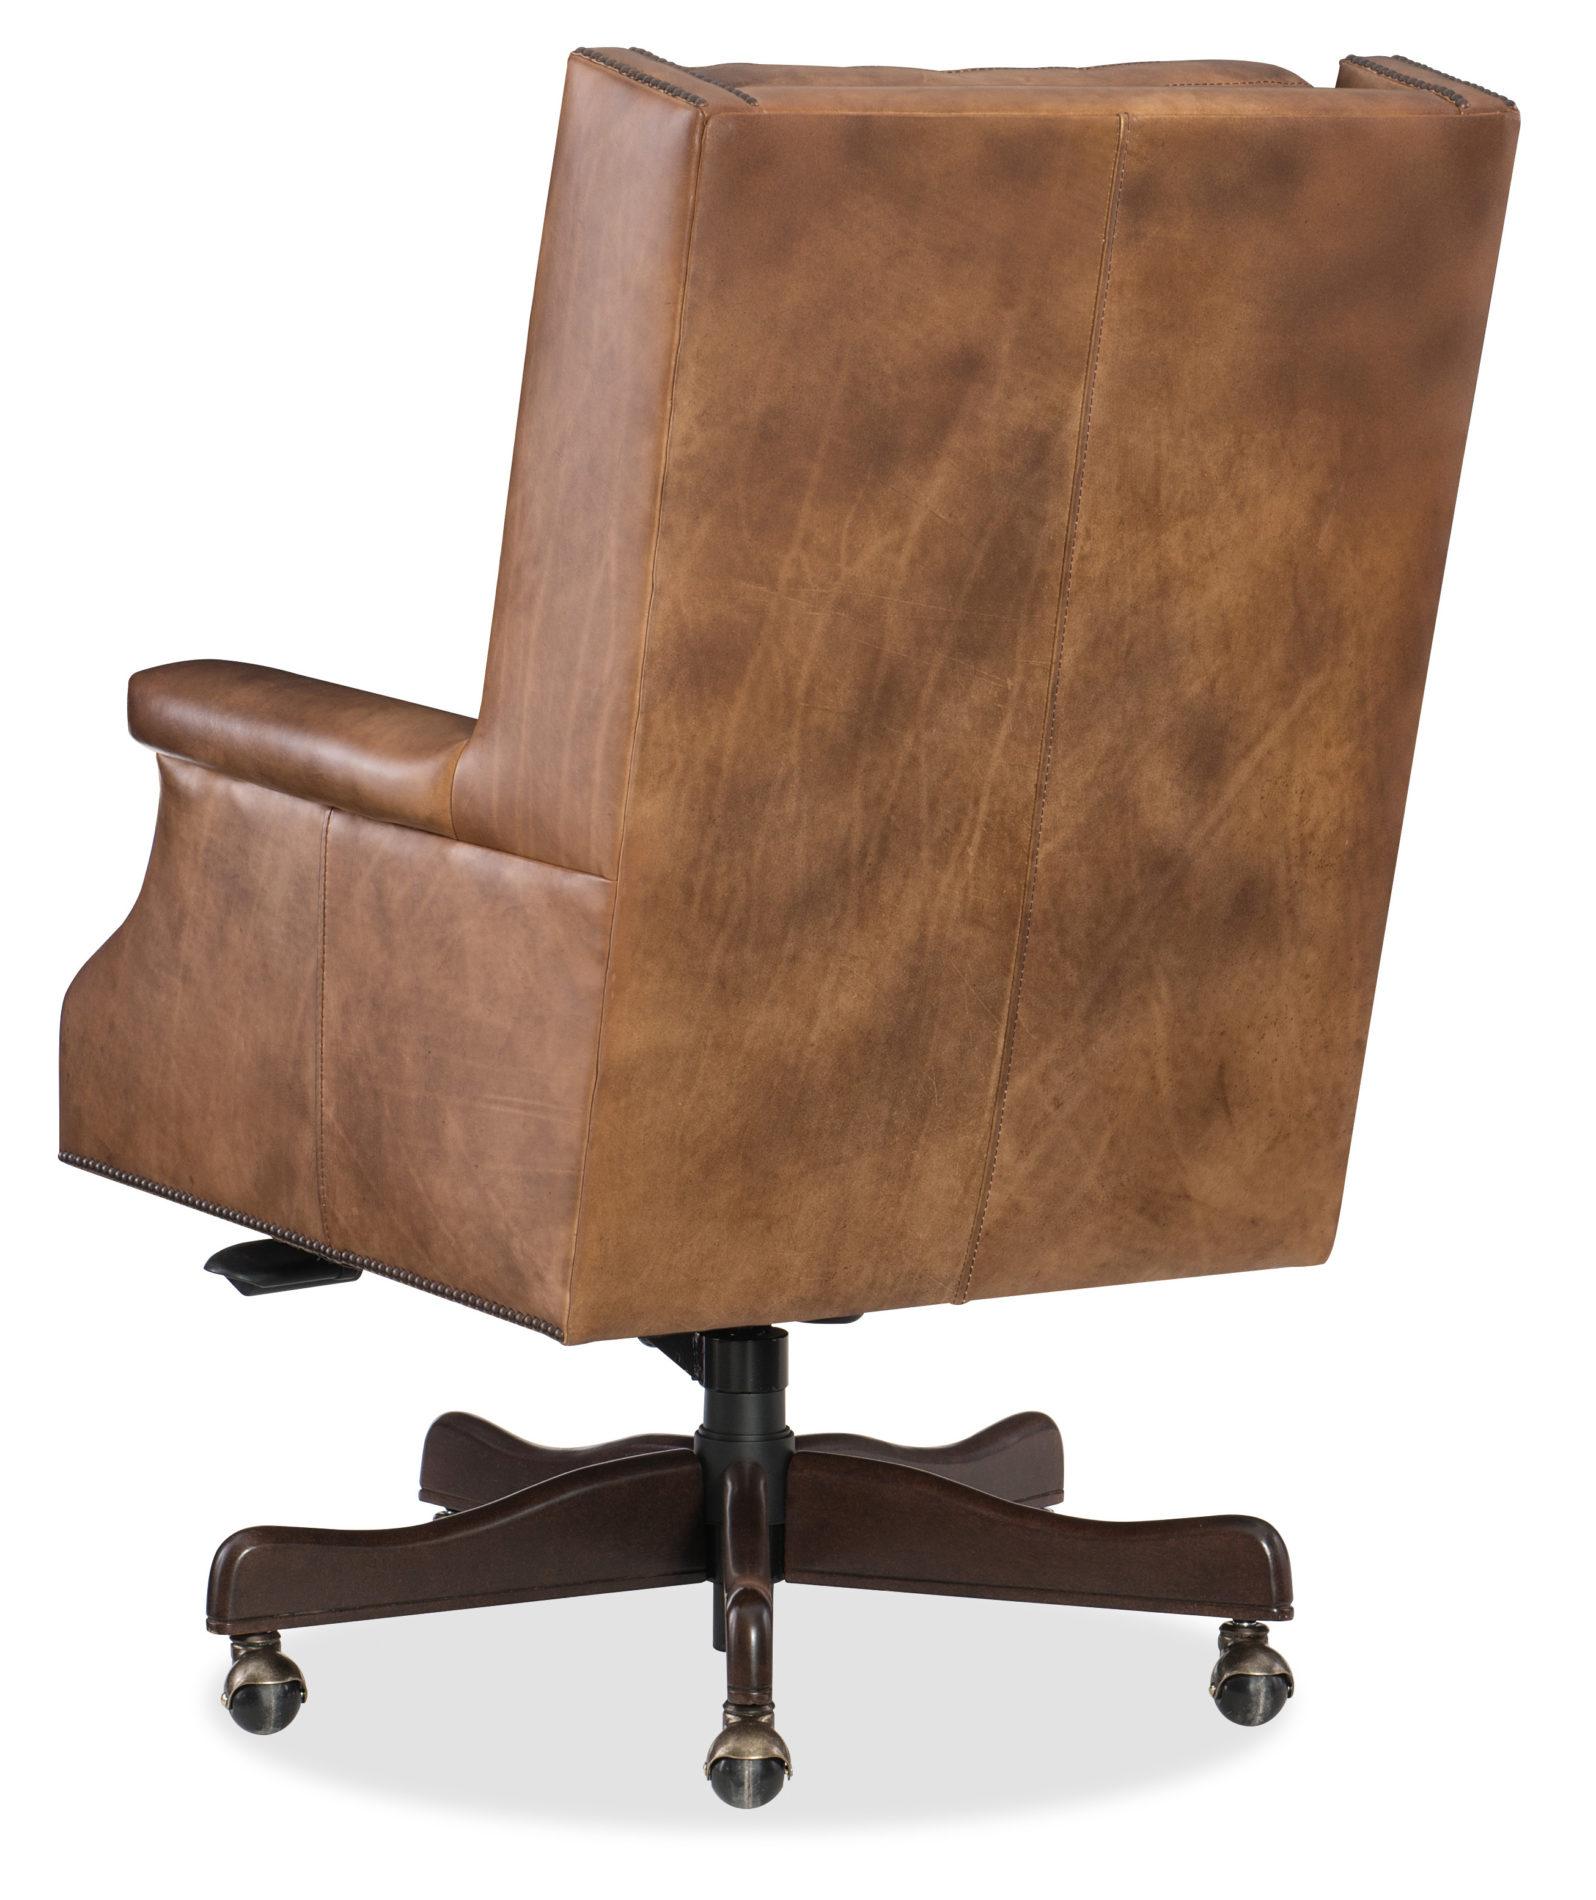 Beckett Home Office Chair